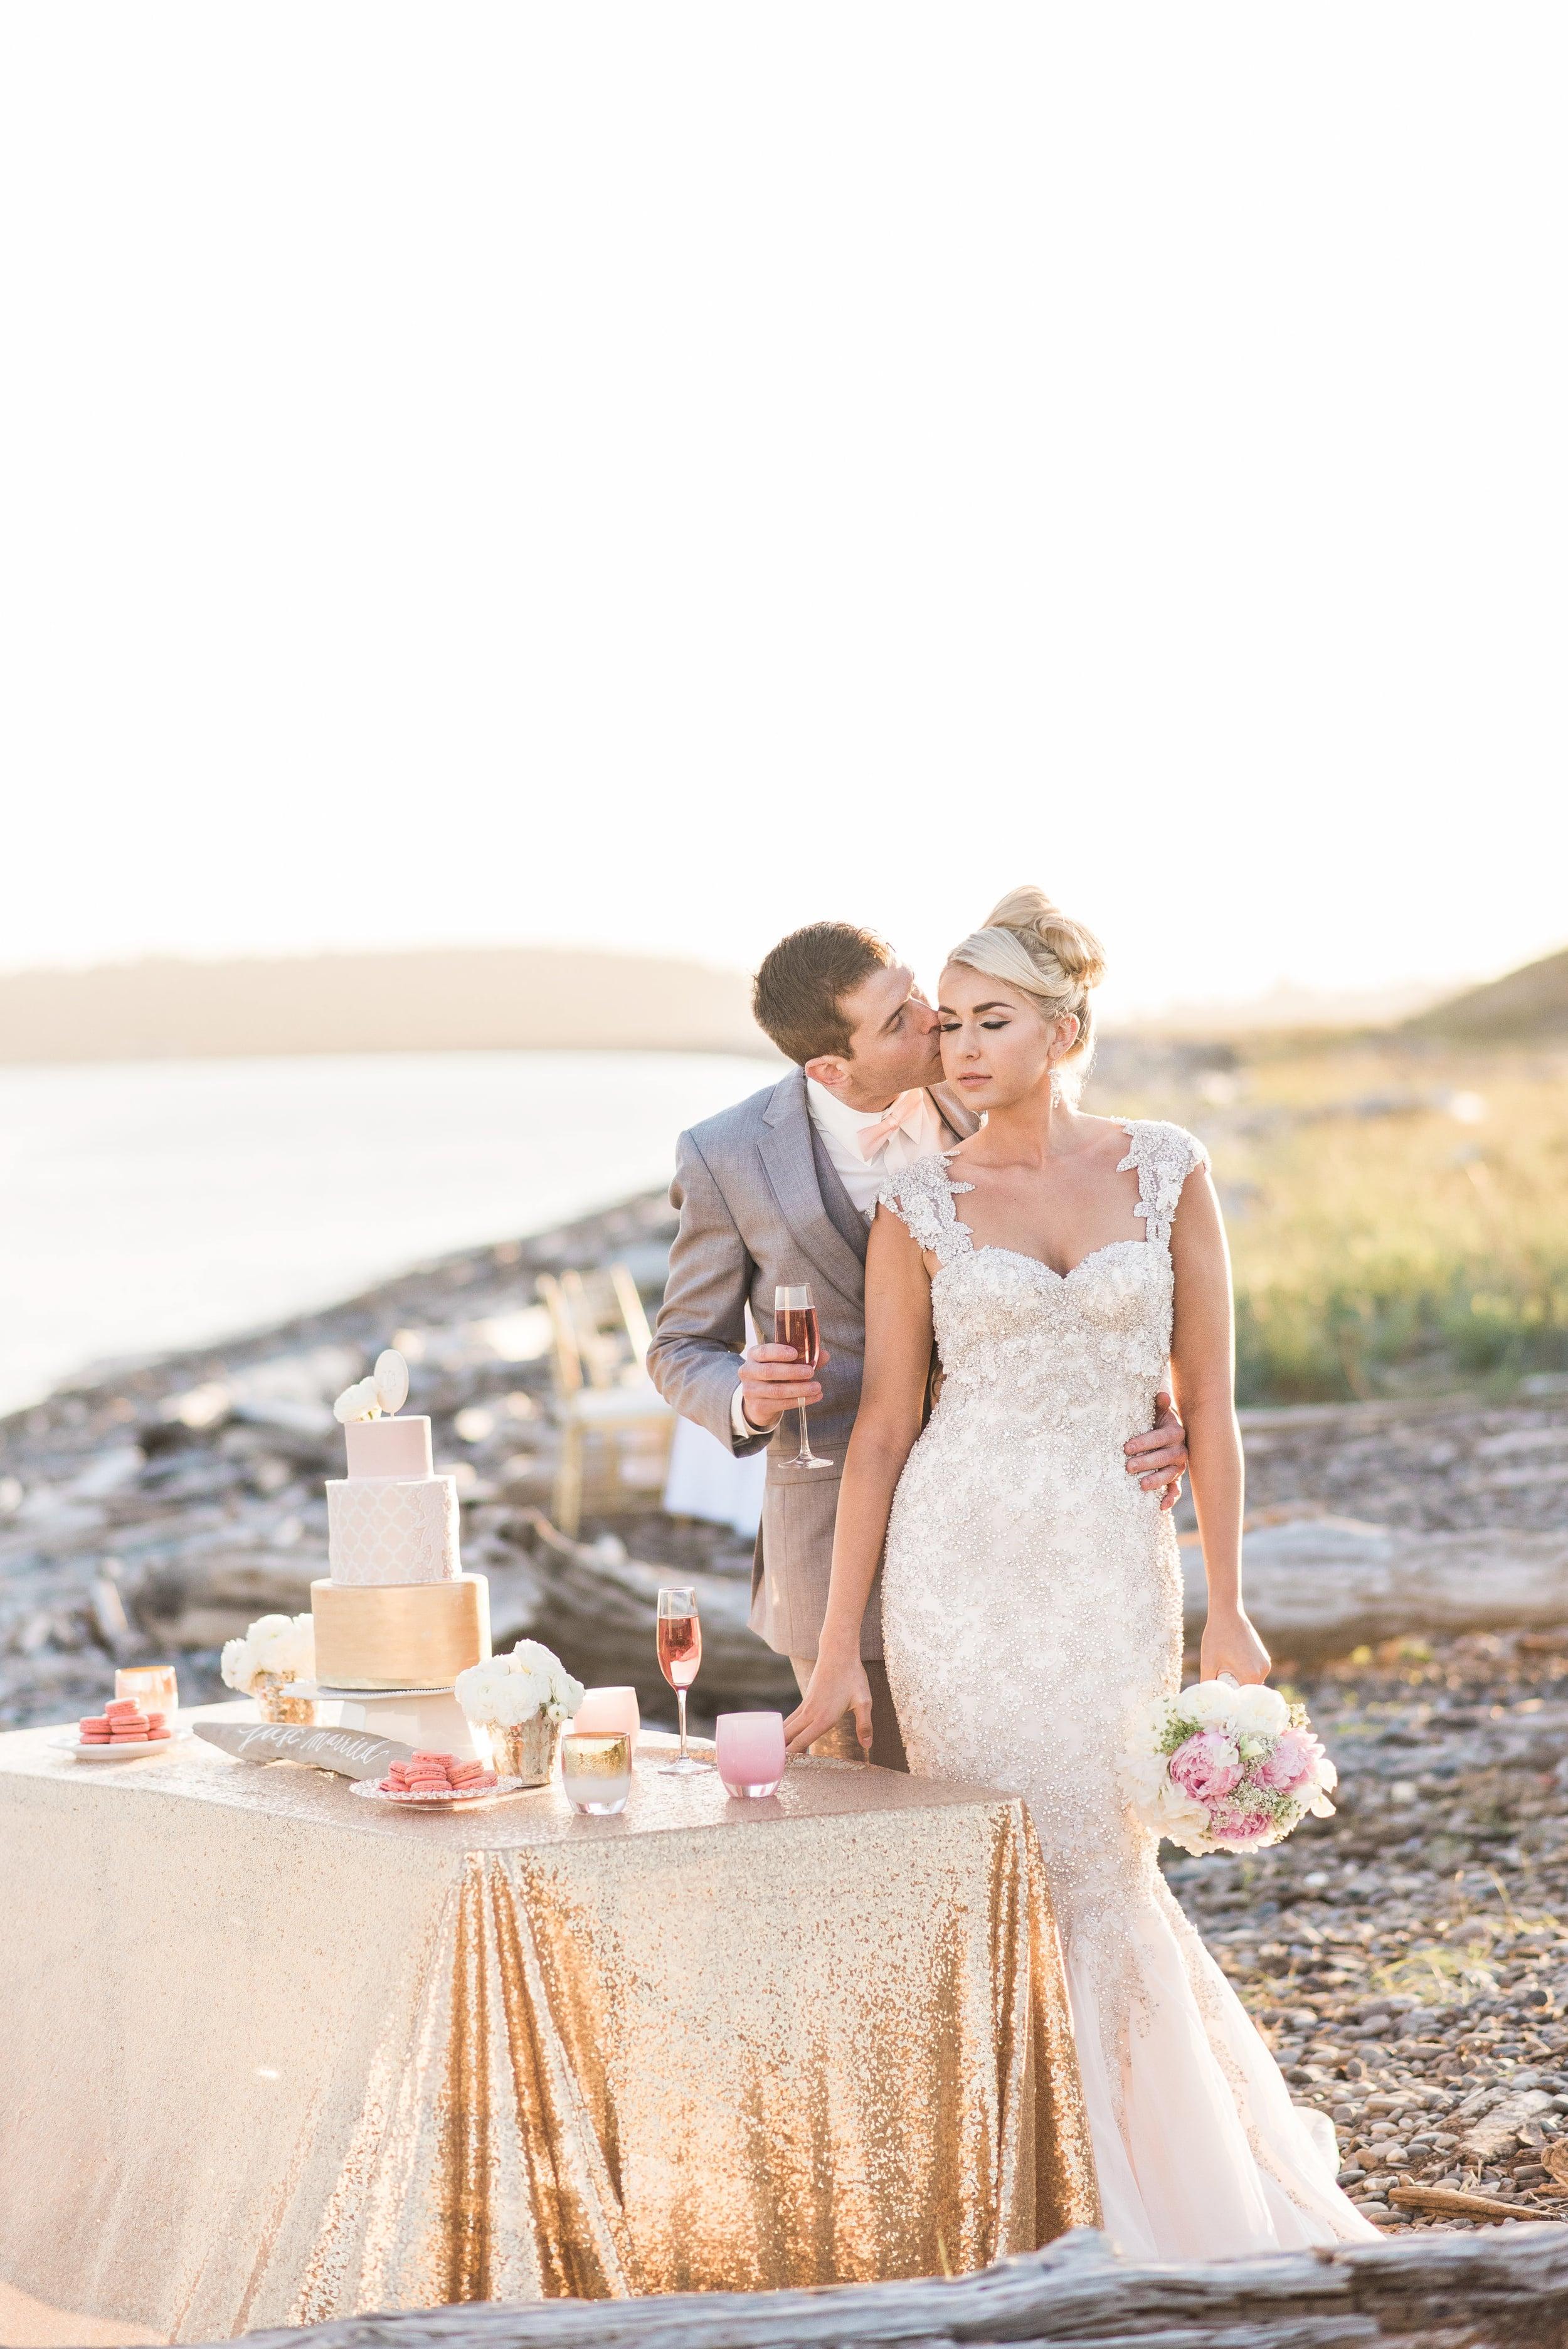 Seattle Wedding Photographer   snohomish wedding photographer  